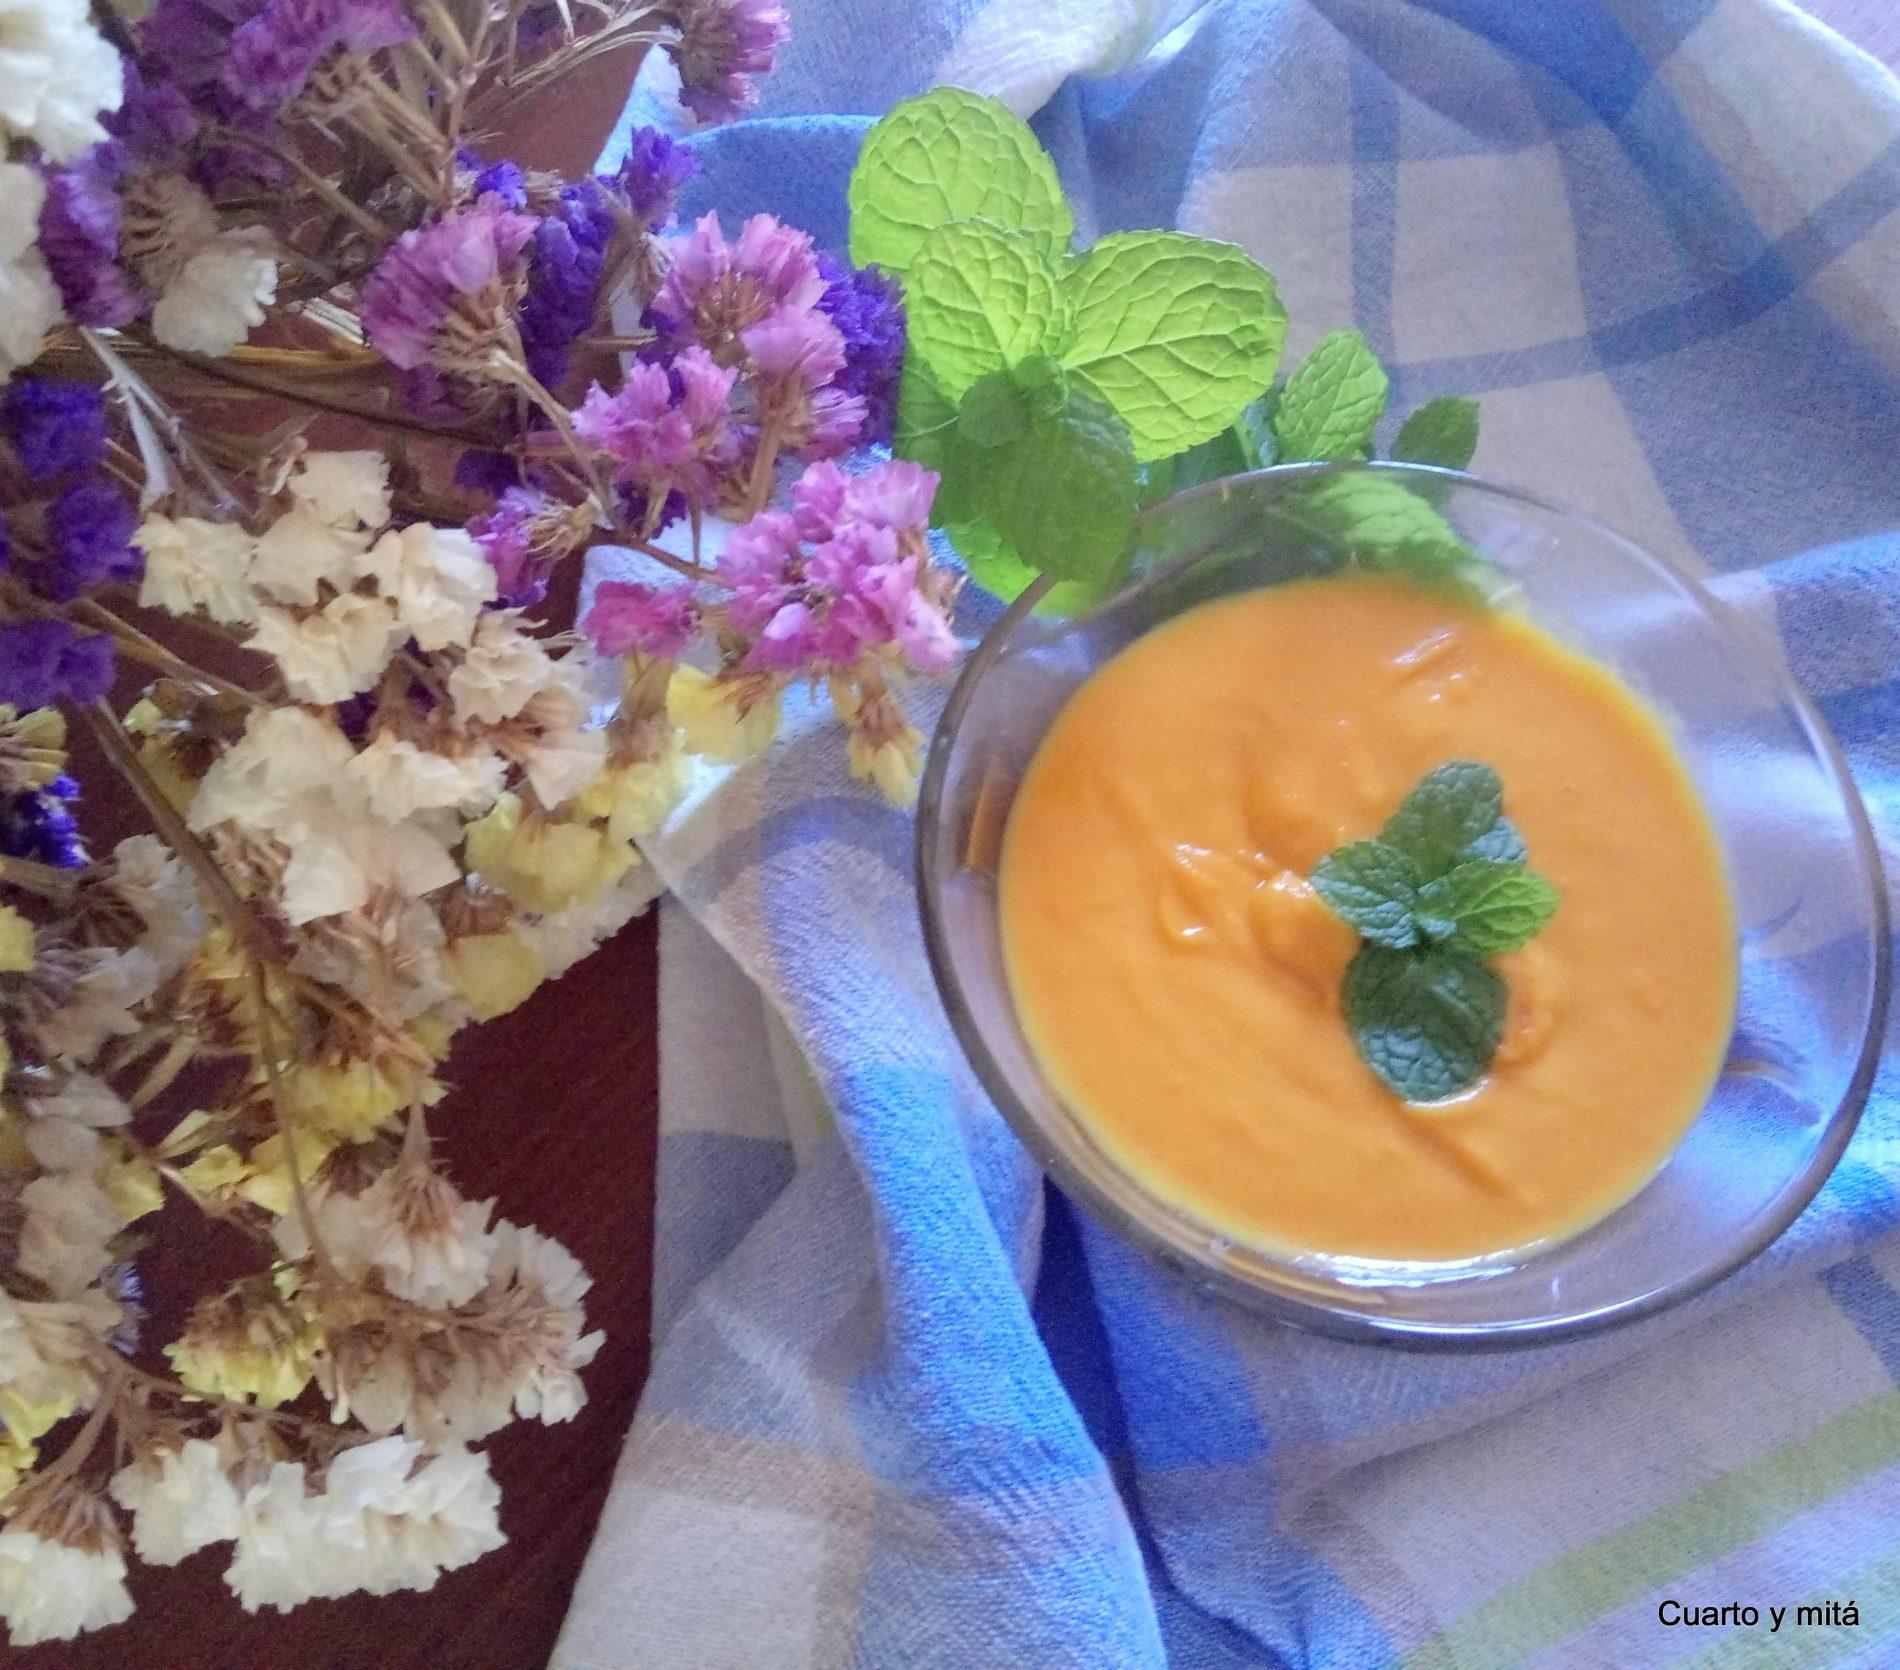 Cuarto Y Mita Crema De Zanahoria Y Manzana Zanahorias de excelente sabor y muy vistosas. cuarto y mita crema de zanahoria y manzana